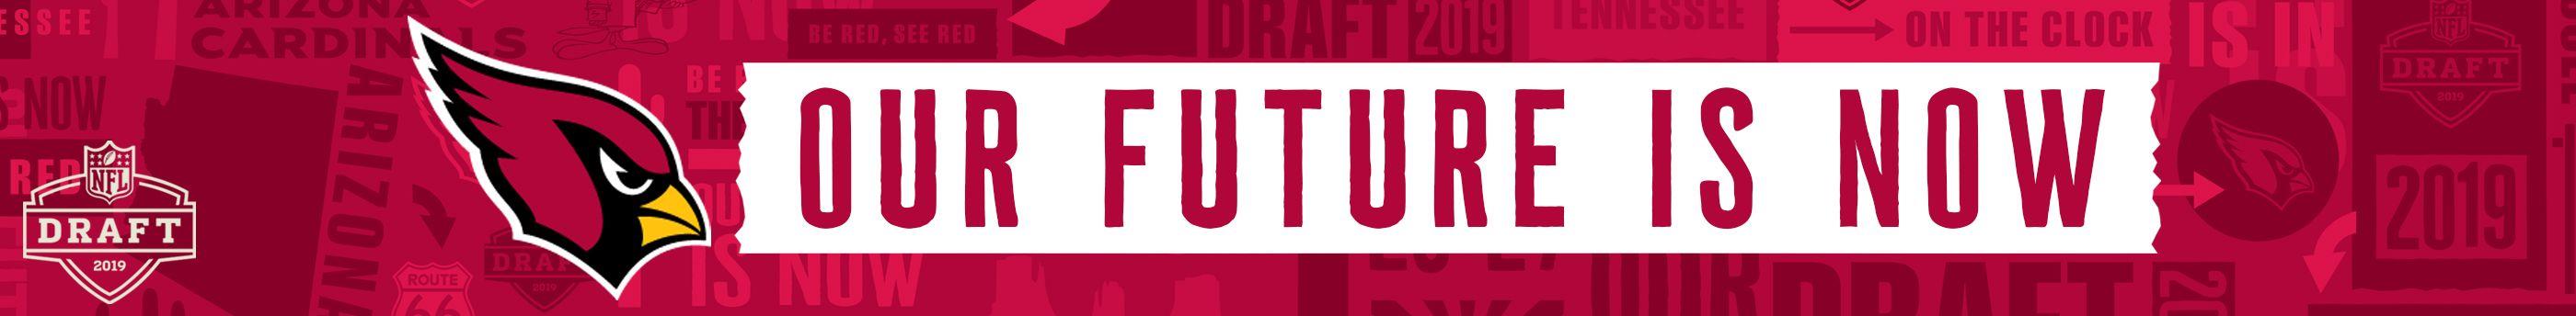 Draft 2019 Header